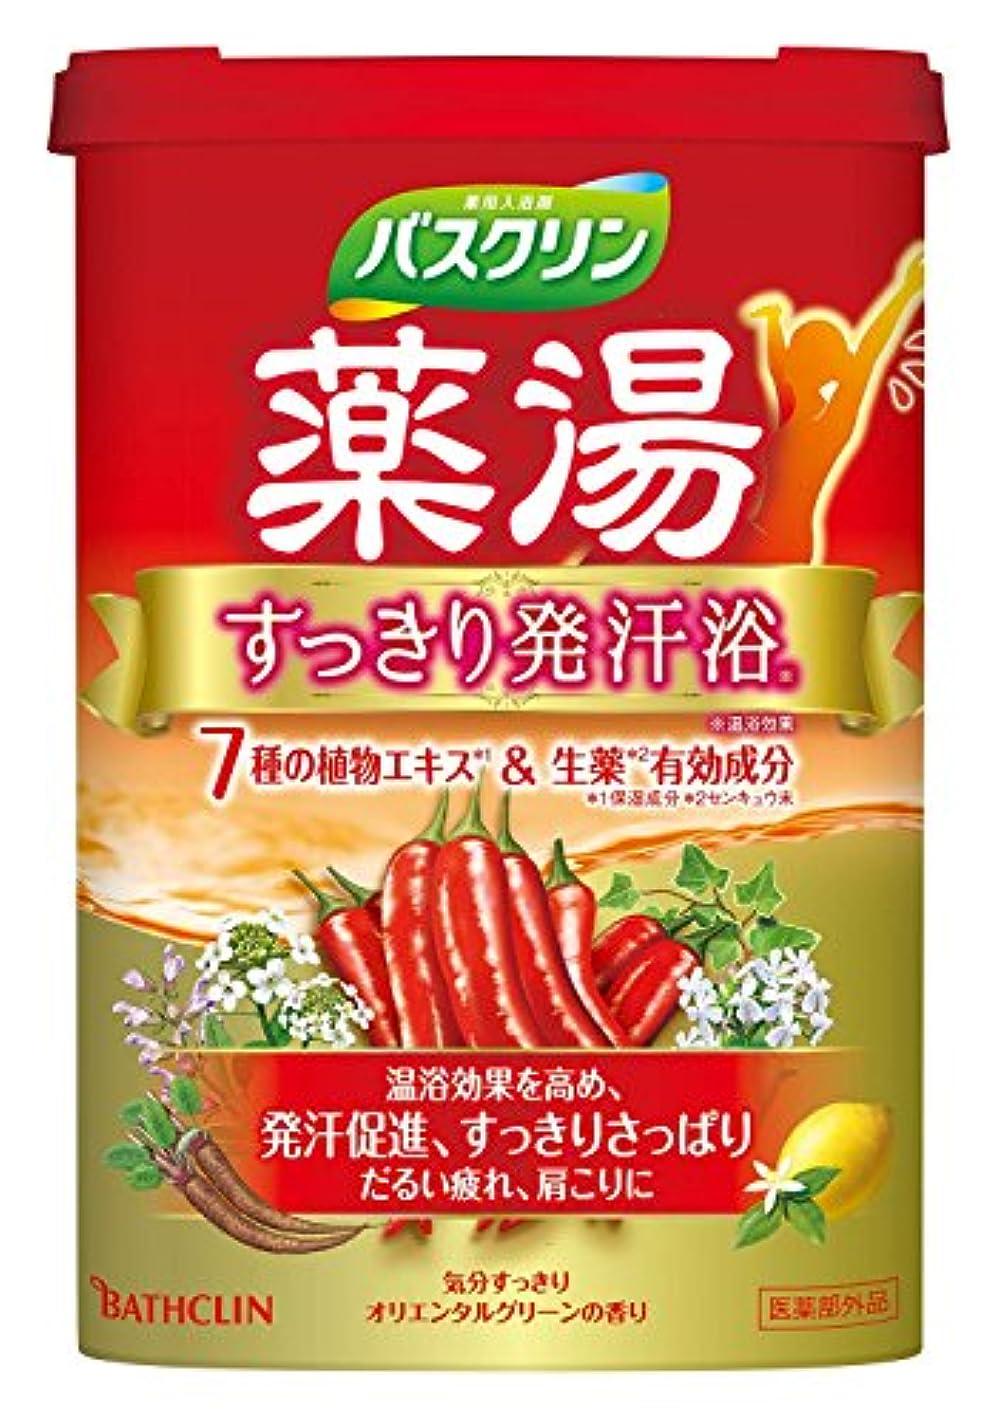 粘土真夜中力強いバスクリン 薬湯 すっきり発汗浴 気分すっきりオリエンタルグリーンの香り 600g 入浴剤 (医薬部外品)